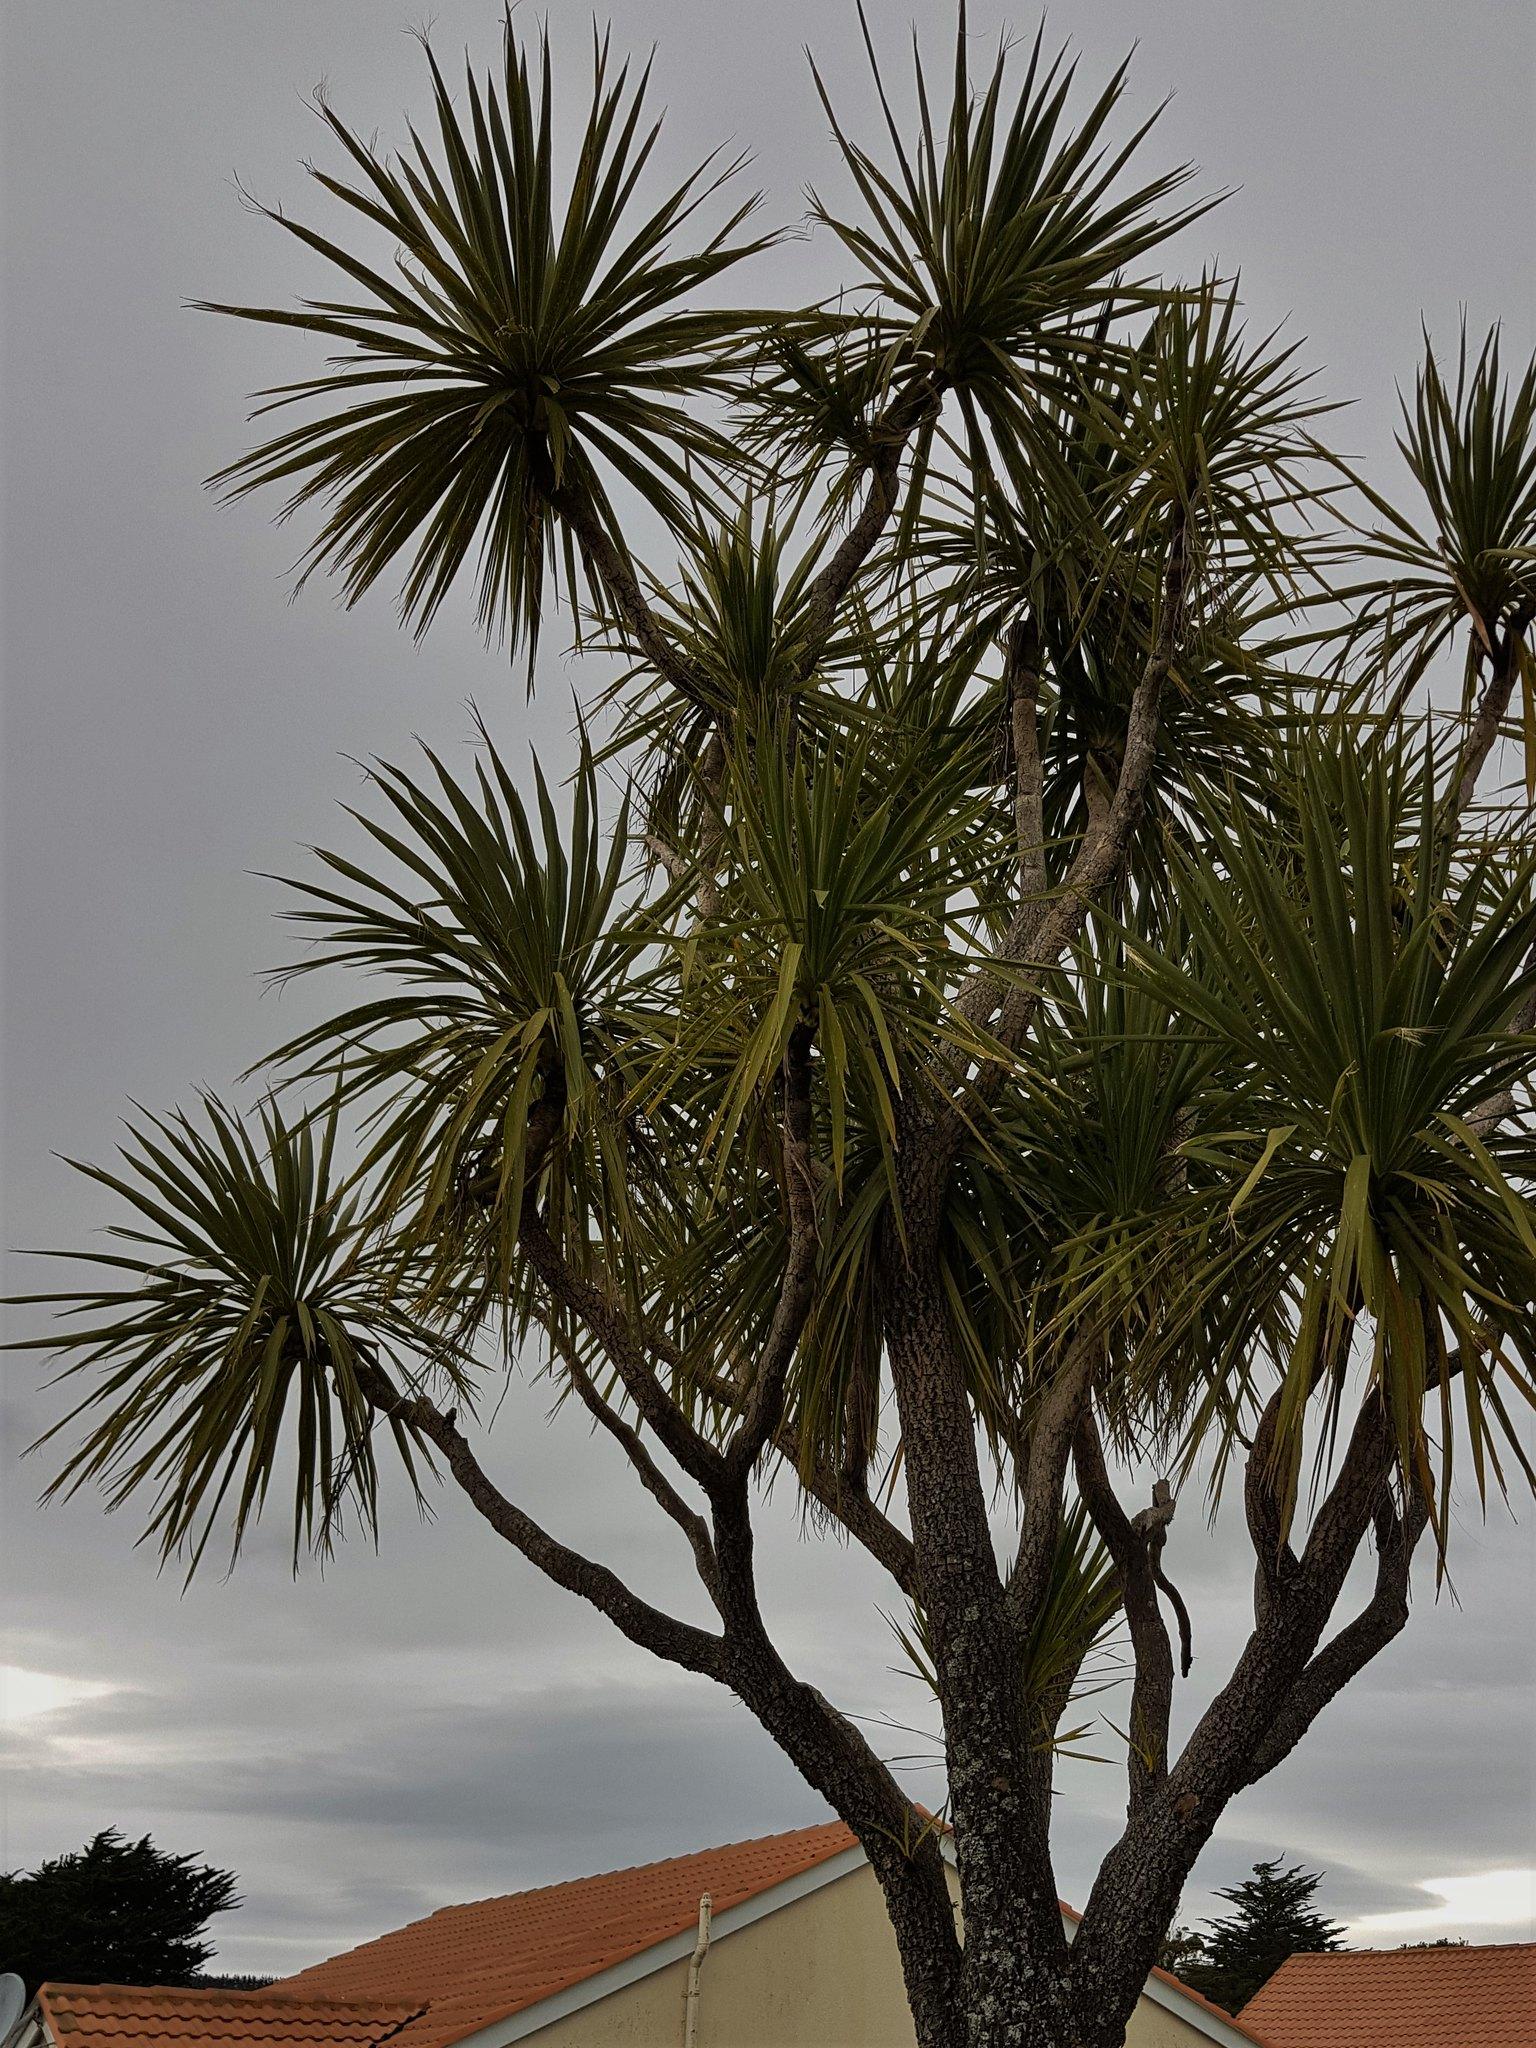 20180820_082640 (tī kōuka, Cordyline australis)